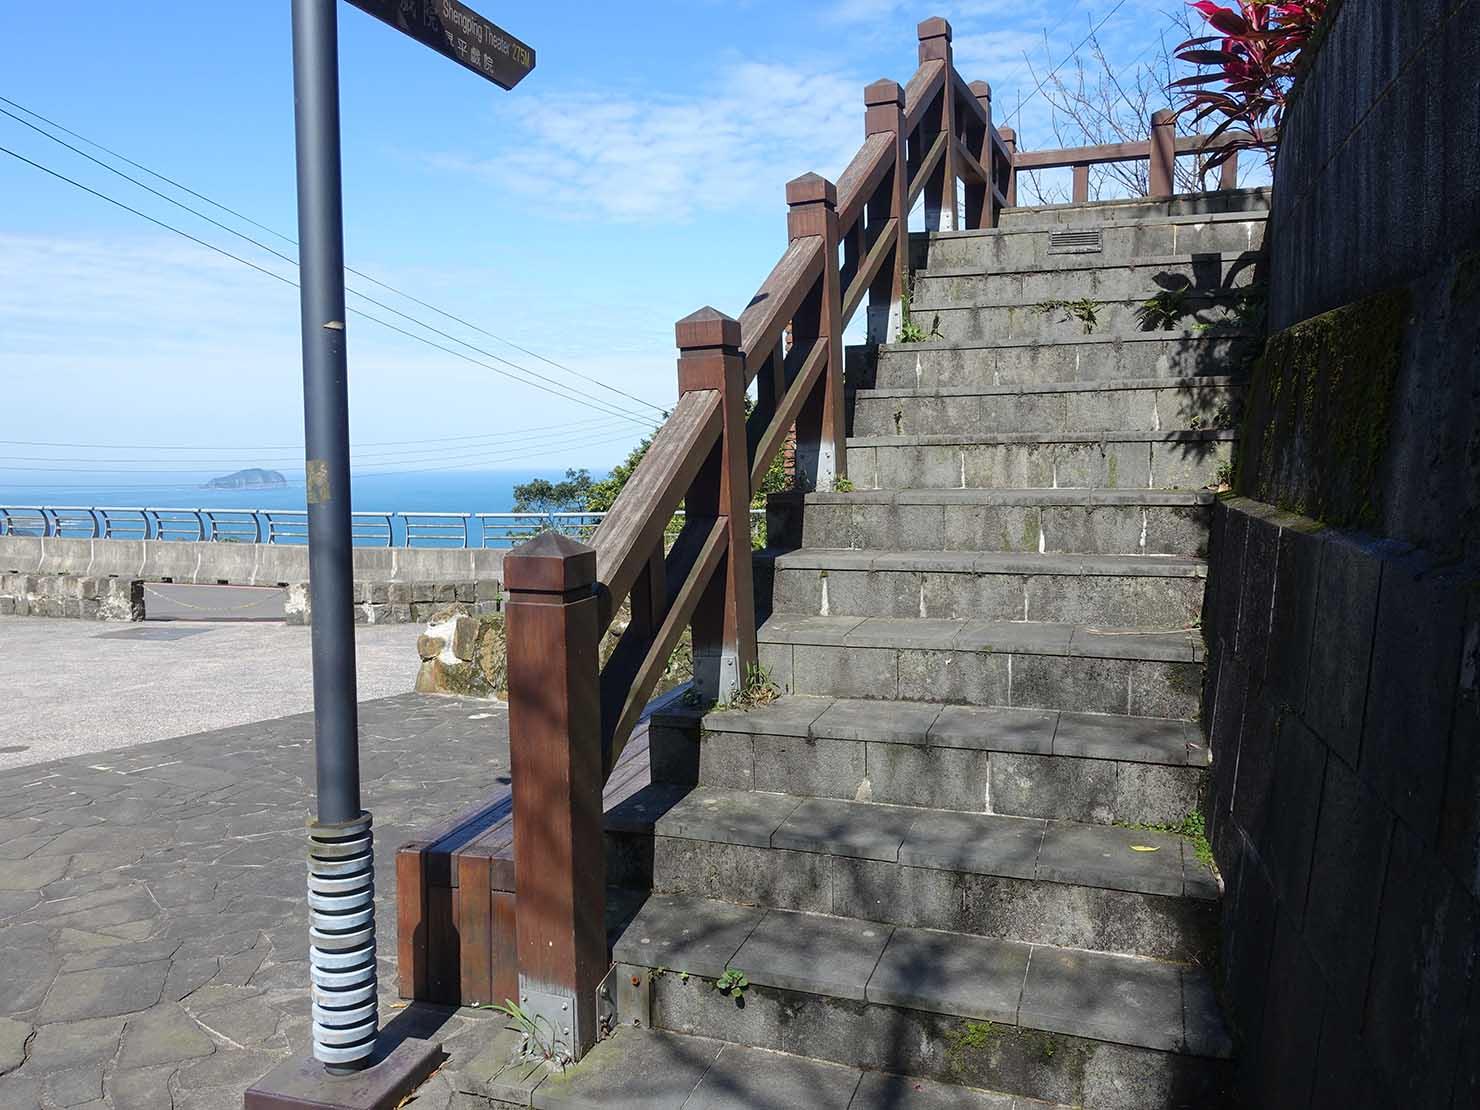 台北・九份の輕便路にある福住社區の門前広場から伸びる階段